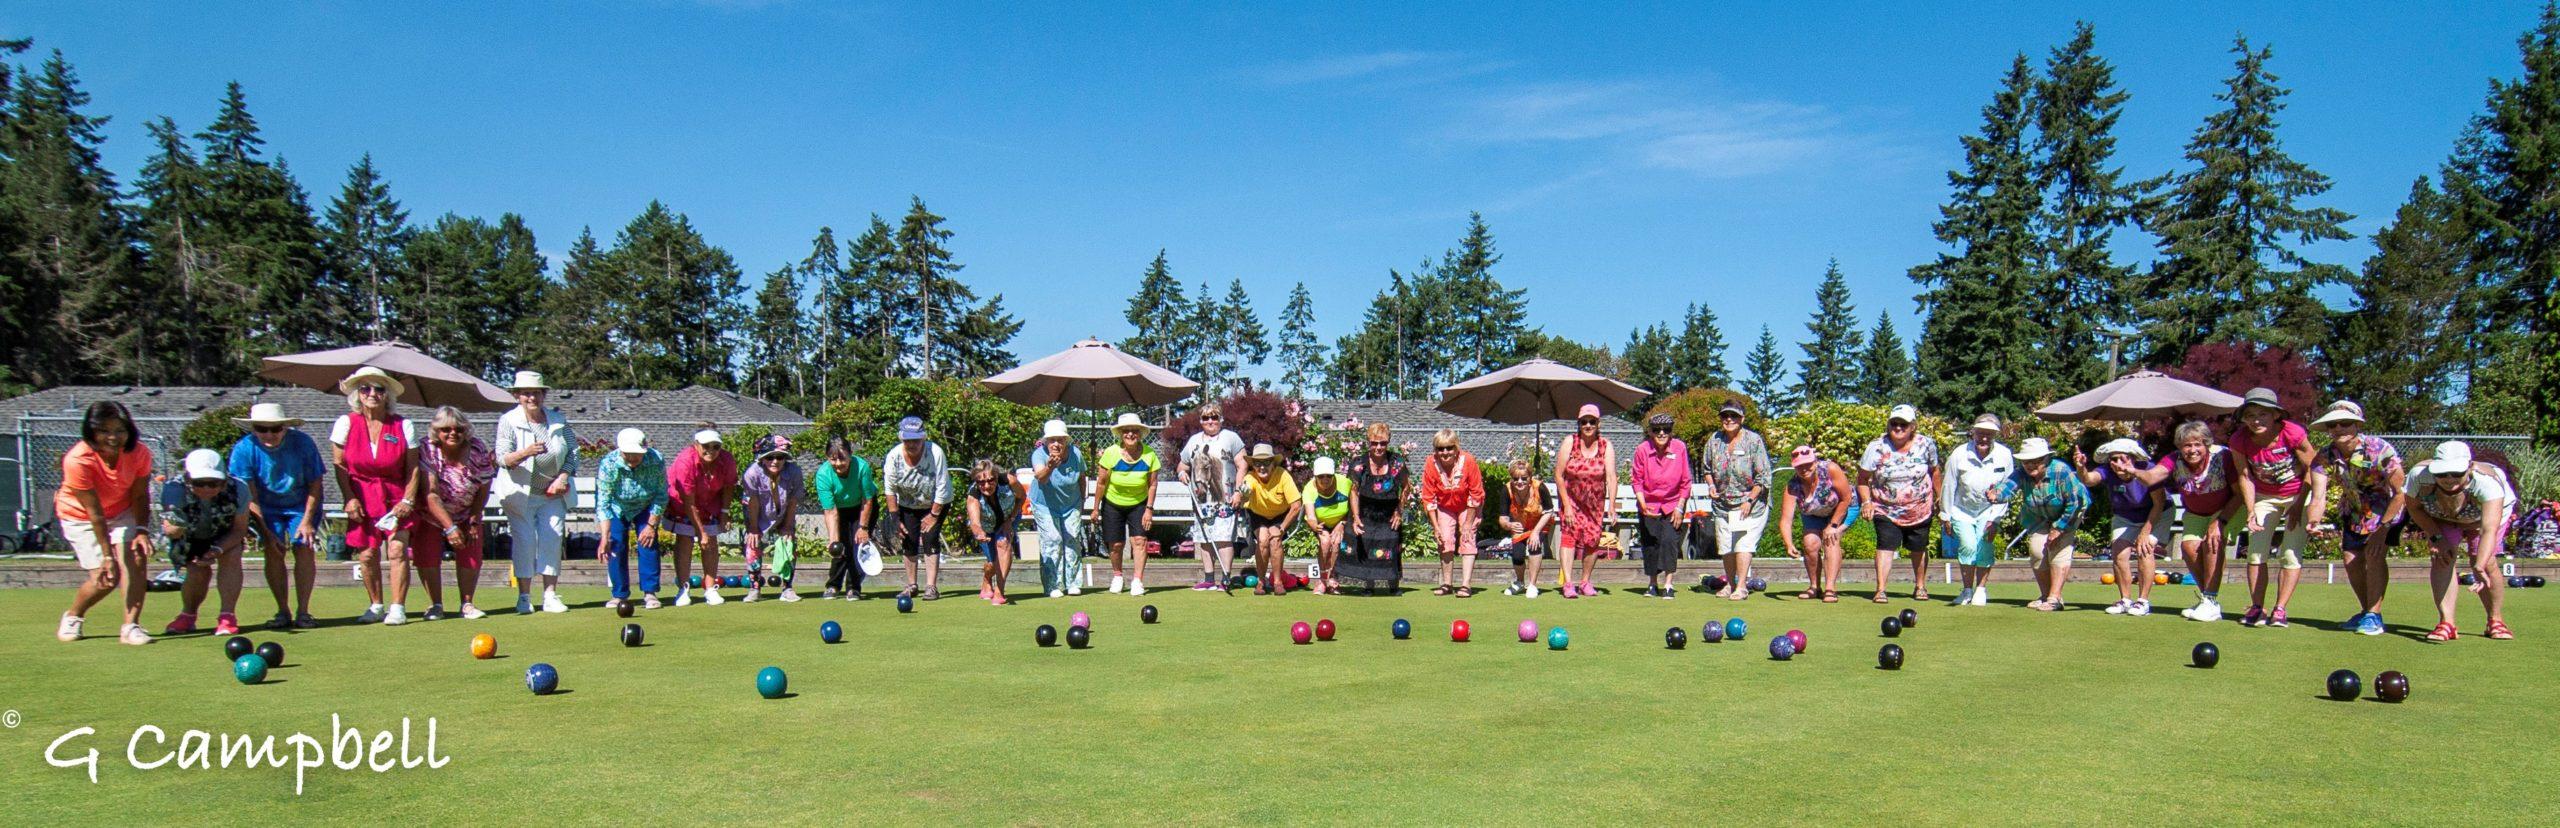 Qualicum Beach Lawn Bowling Club